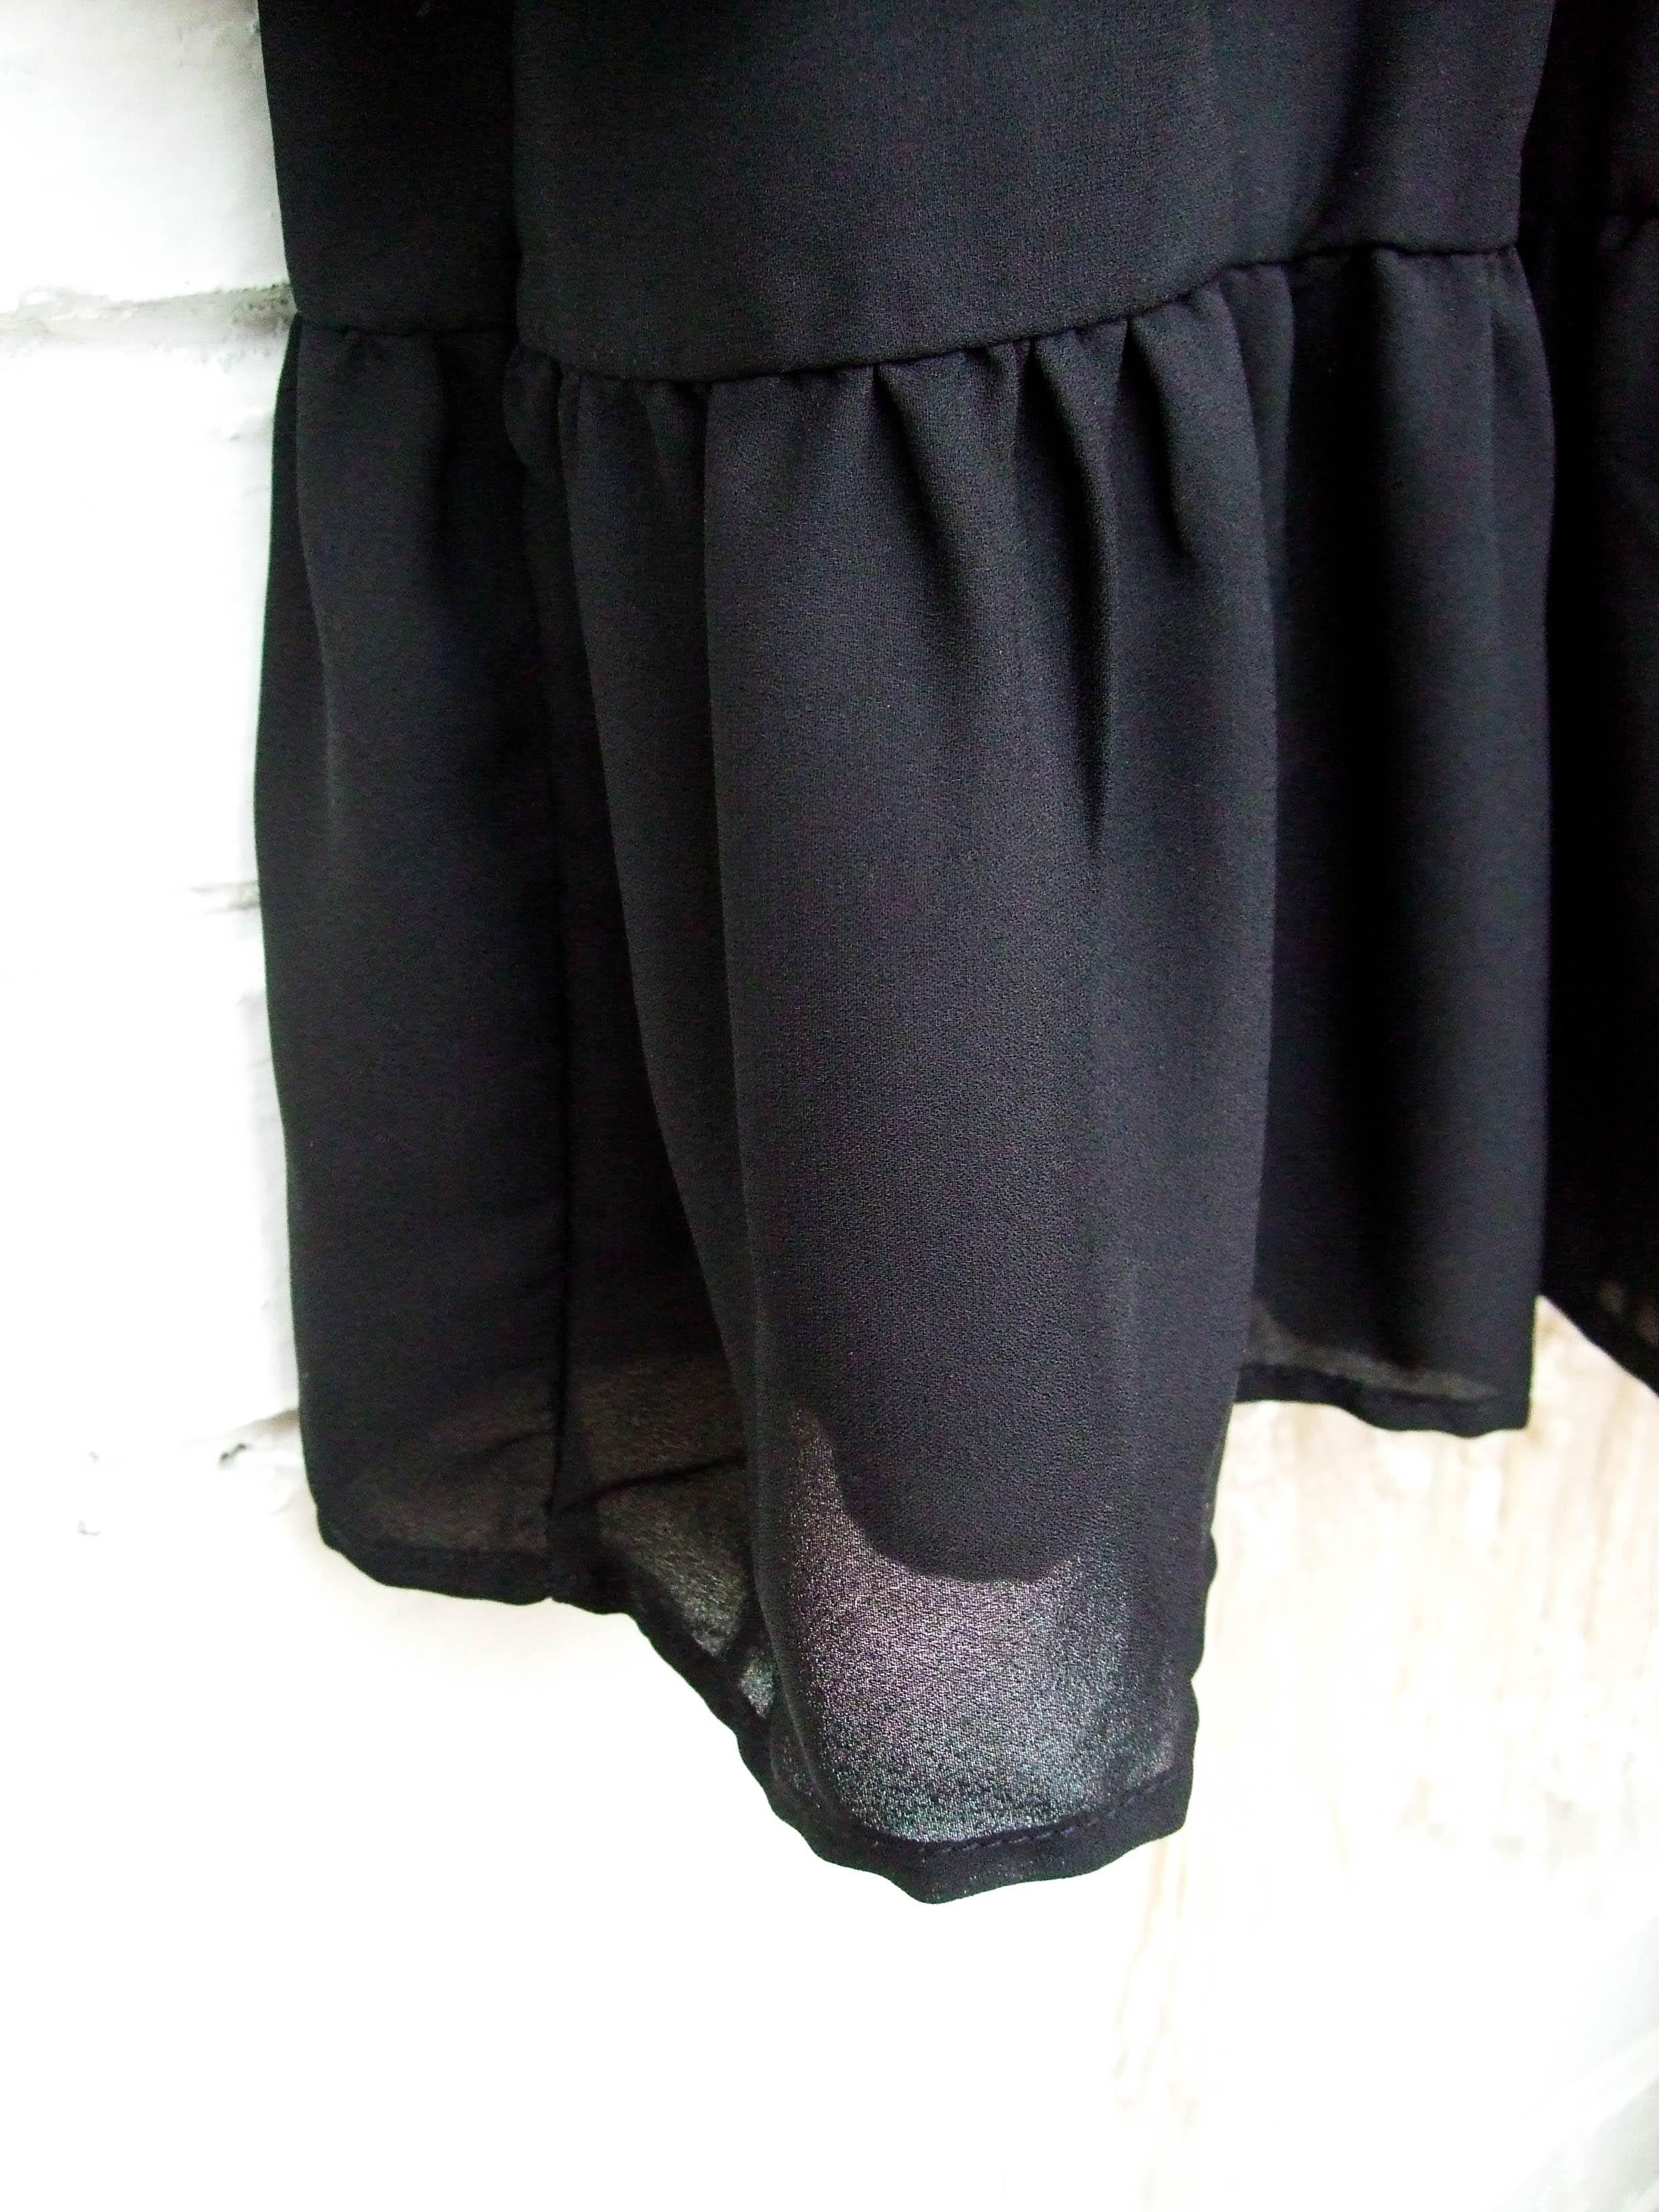 Hot 2019 autumn new fashion women's temperament commuter puff sleeve small high collar natural A word knee Chiffon dress reviews №6 342831